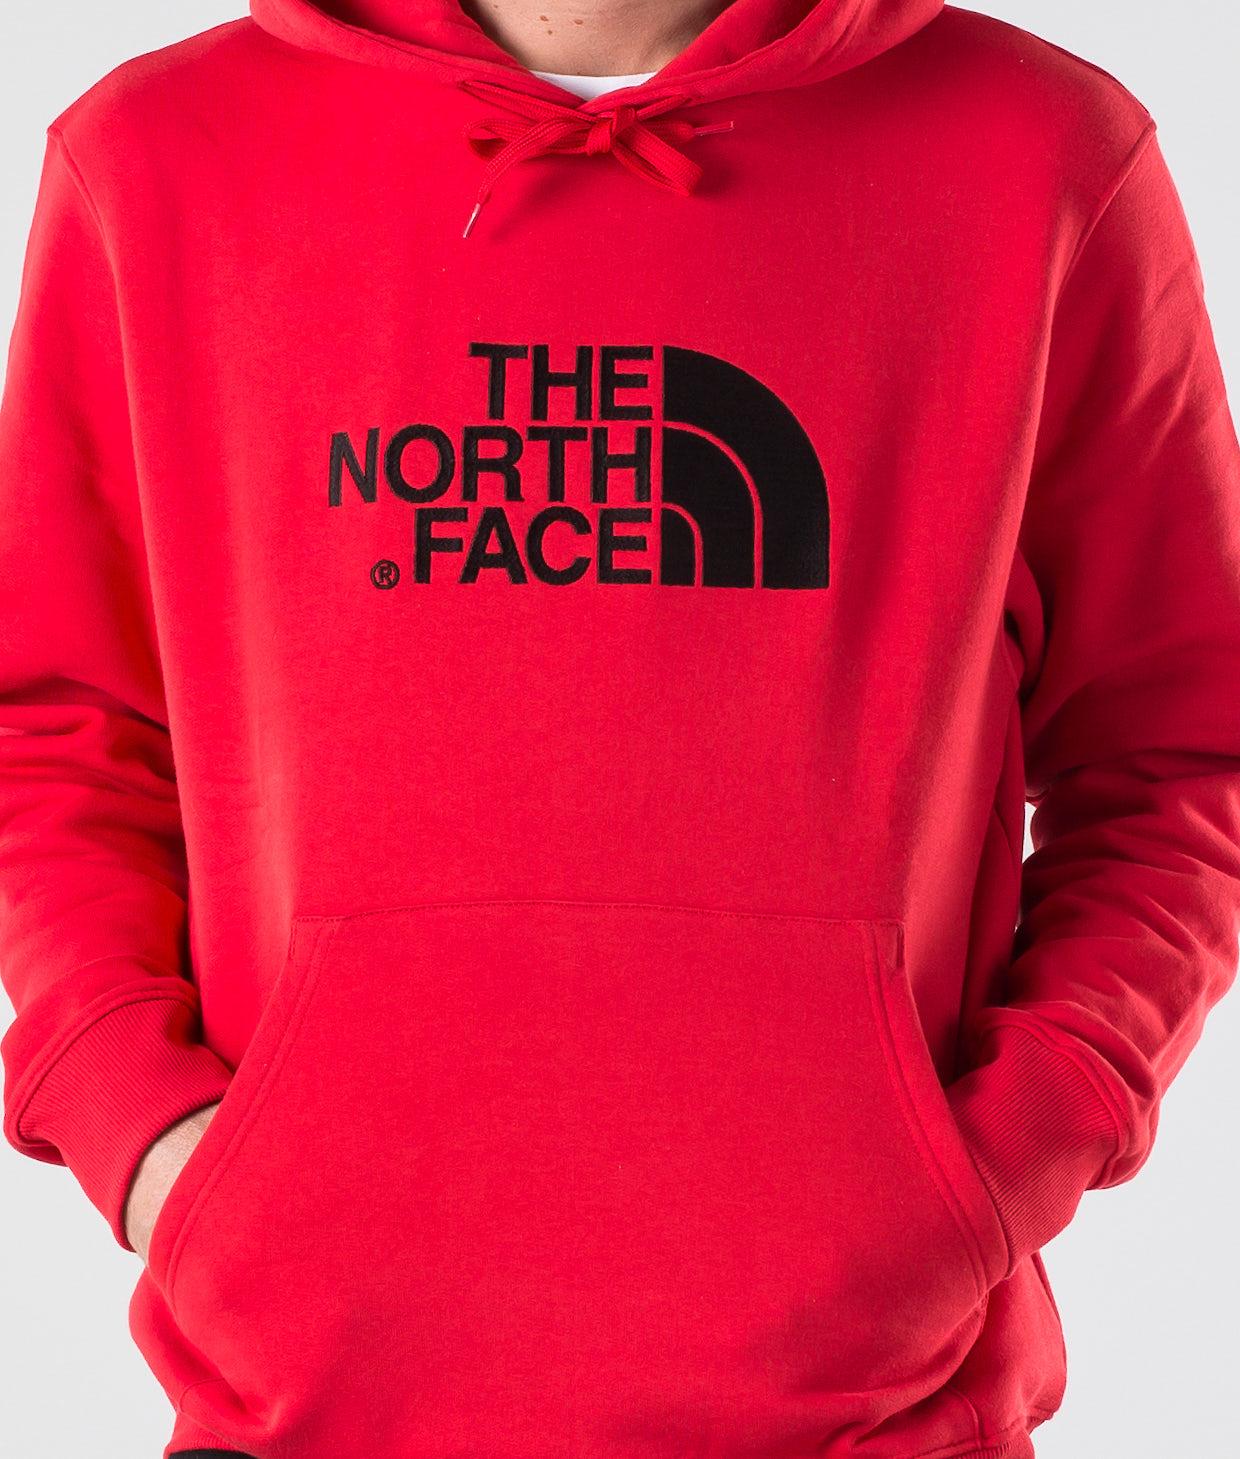 Kjøp Drew Peak Hood fra The North Face på Ridestore.no - Hos oss har du alltid fri frakt, fri retur og 30 dagers åpent kjøp!